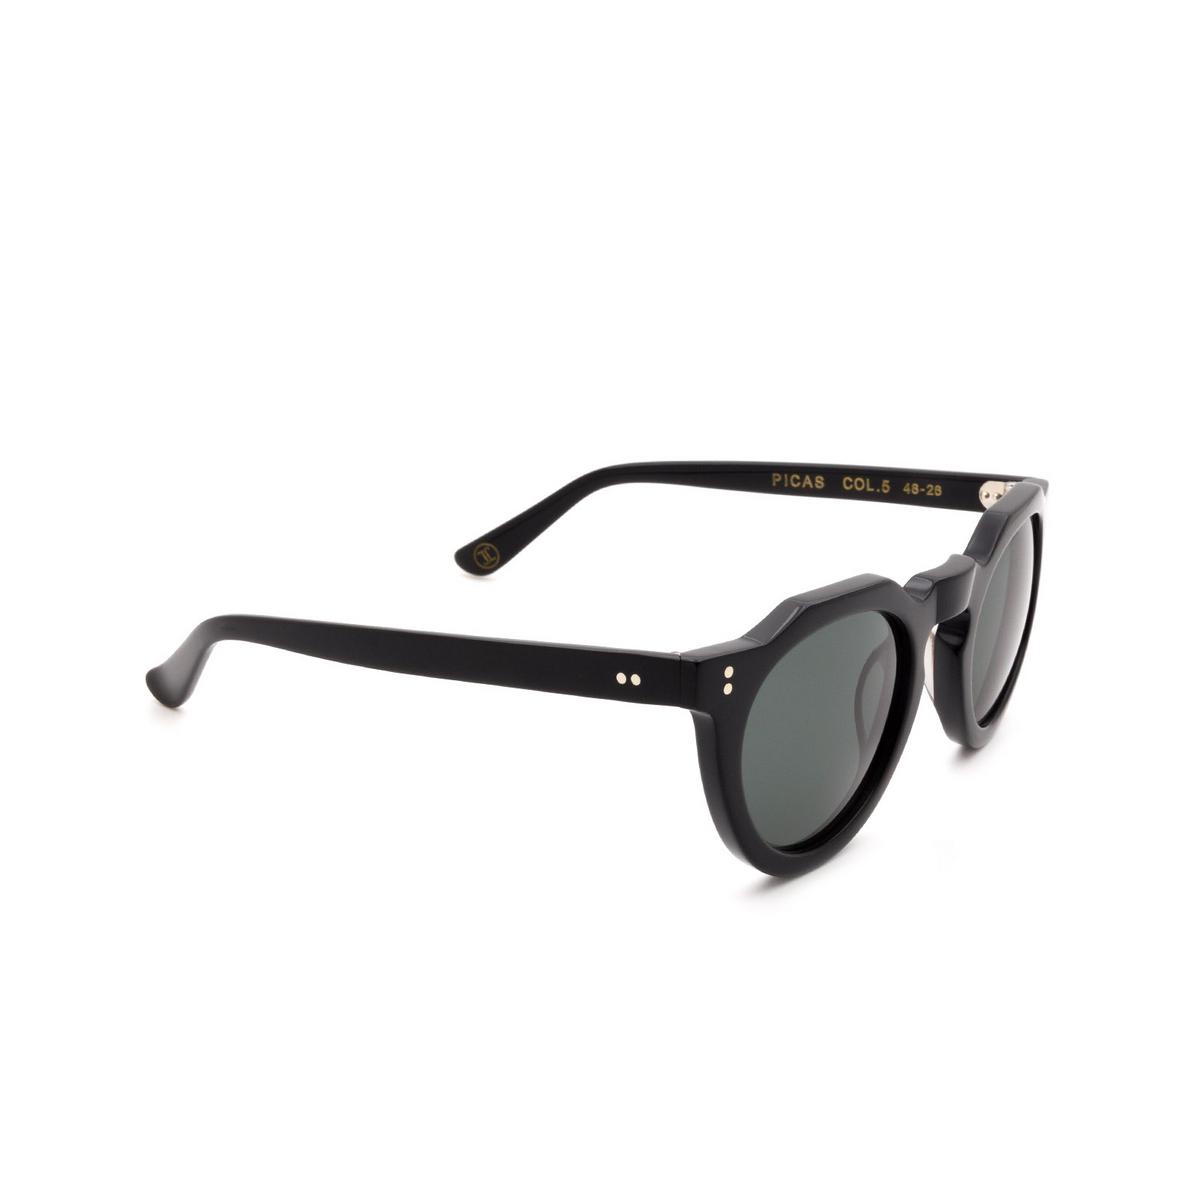 Lesca® Irregular Sunglasses: Picas color Noir 5 - three-quarters view.